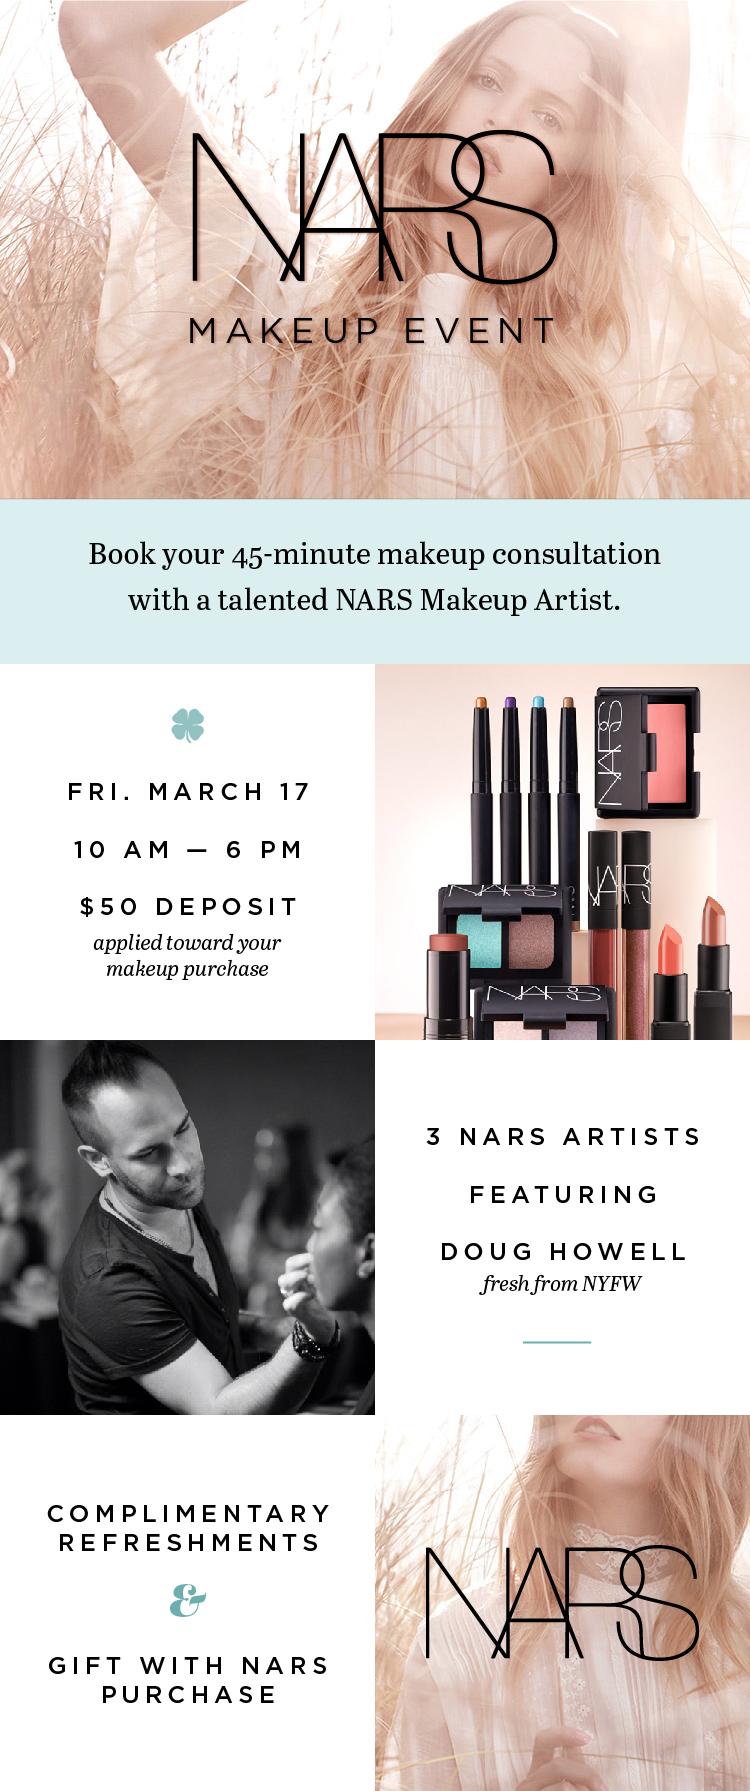 3-17-17 NARS Makeup Event